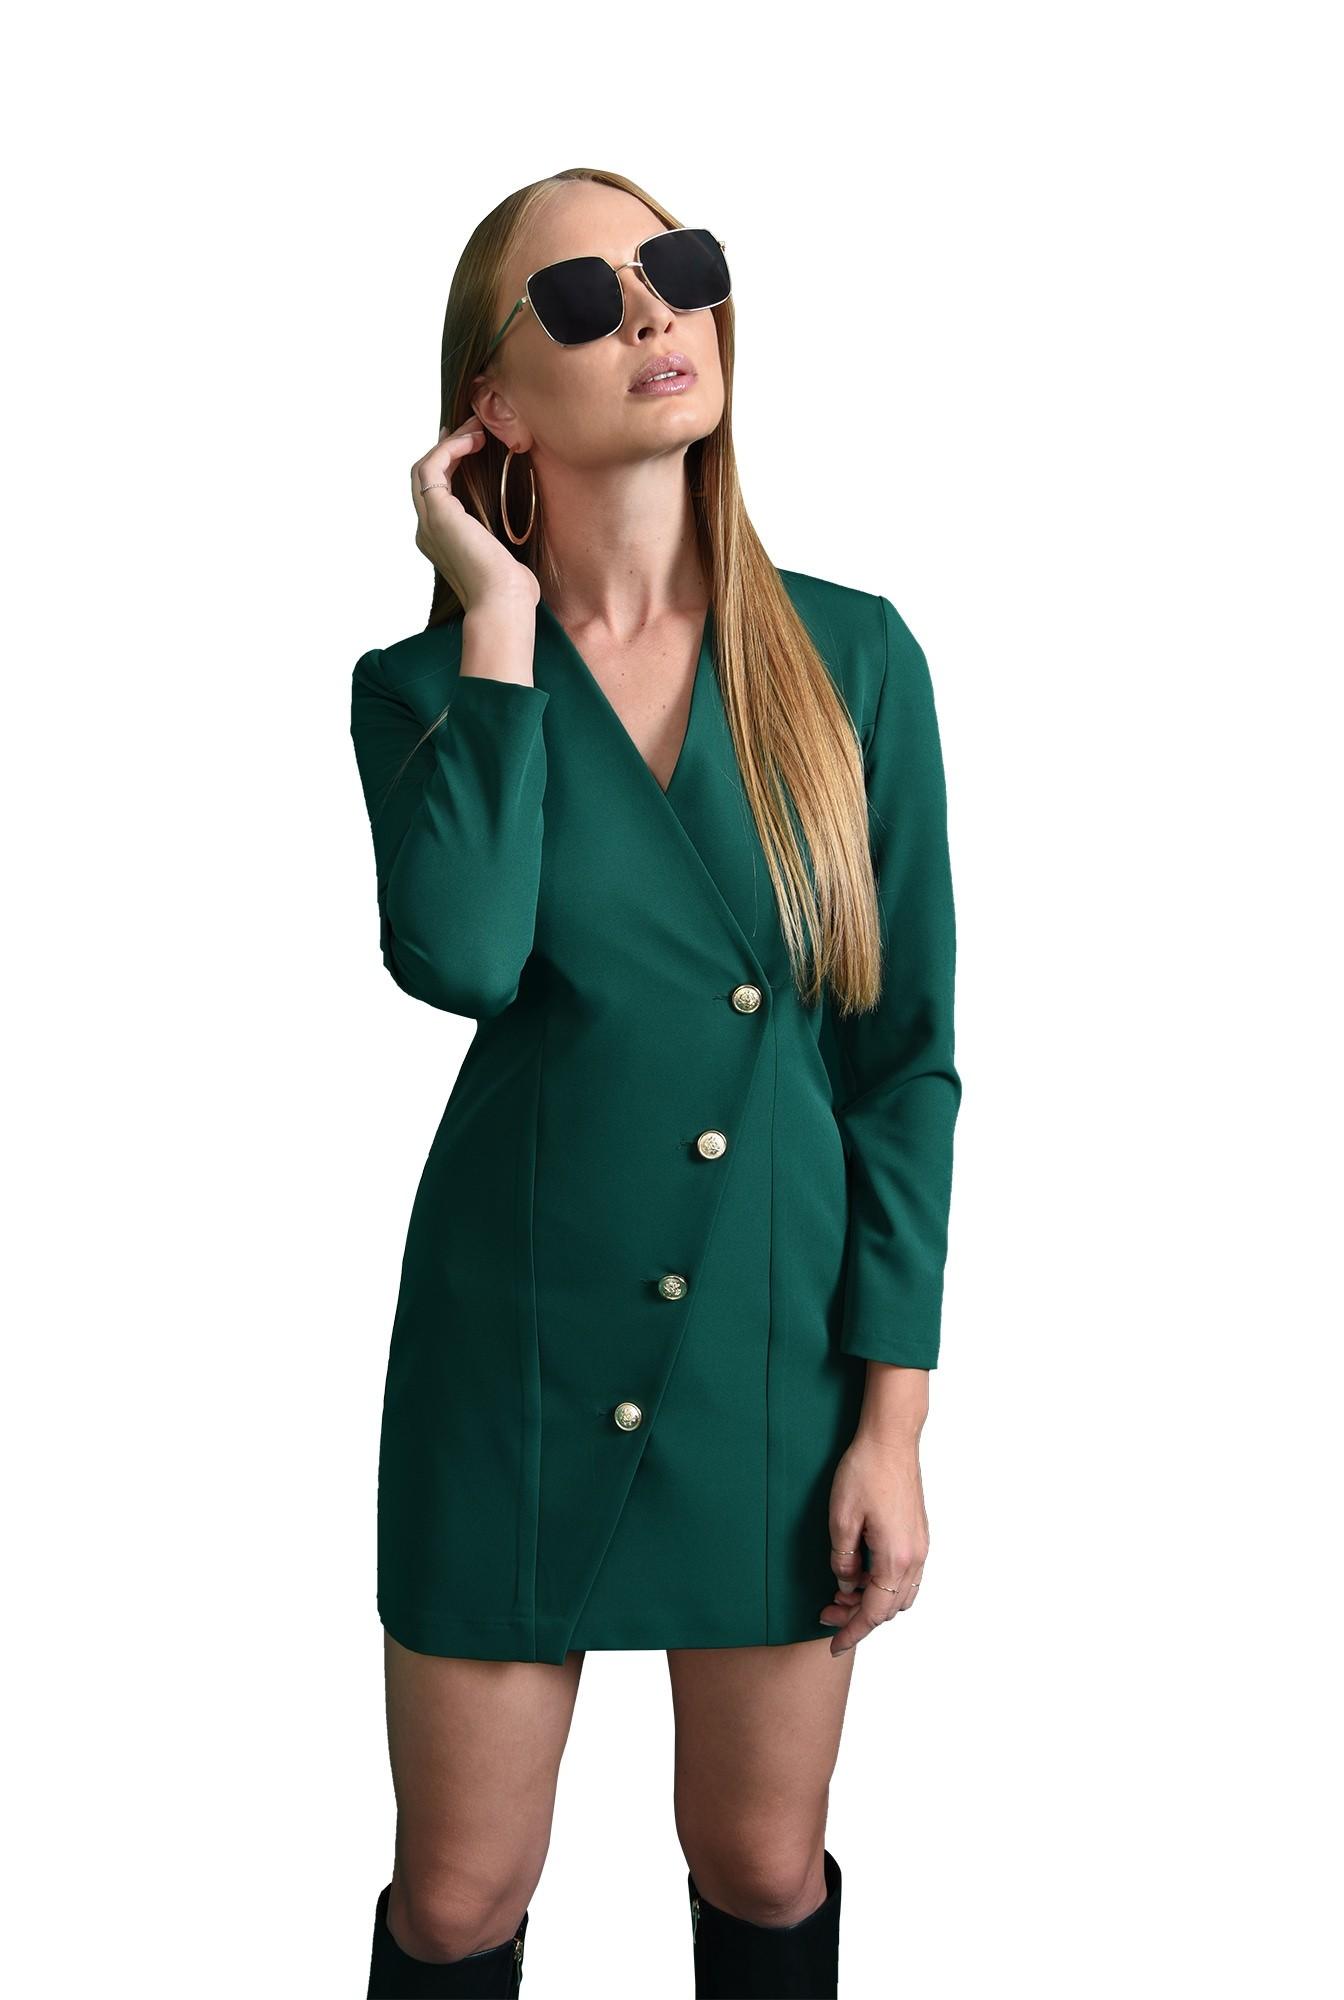 rochie mini, verde, dreapta, cu nasturi